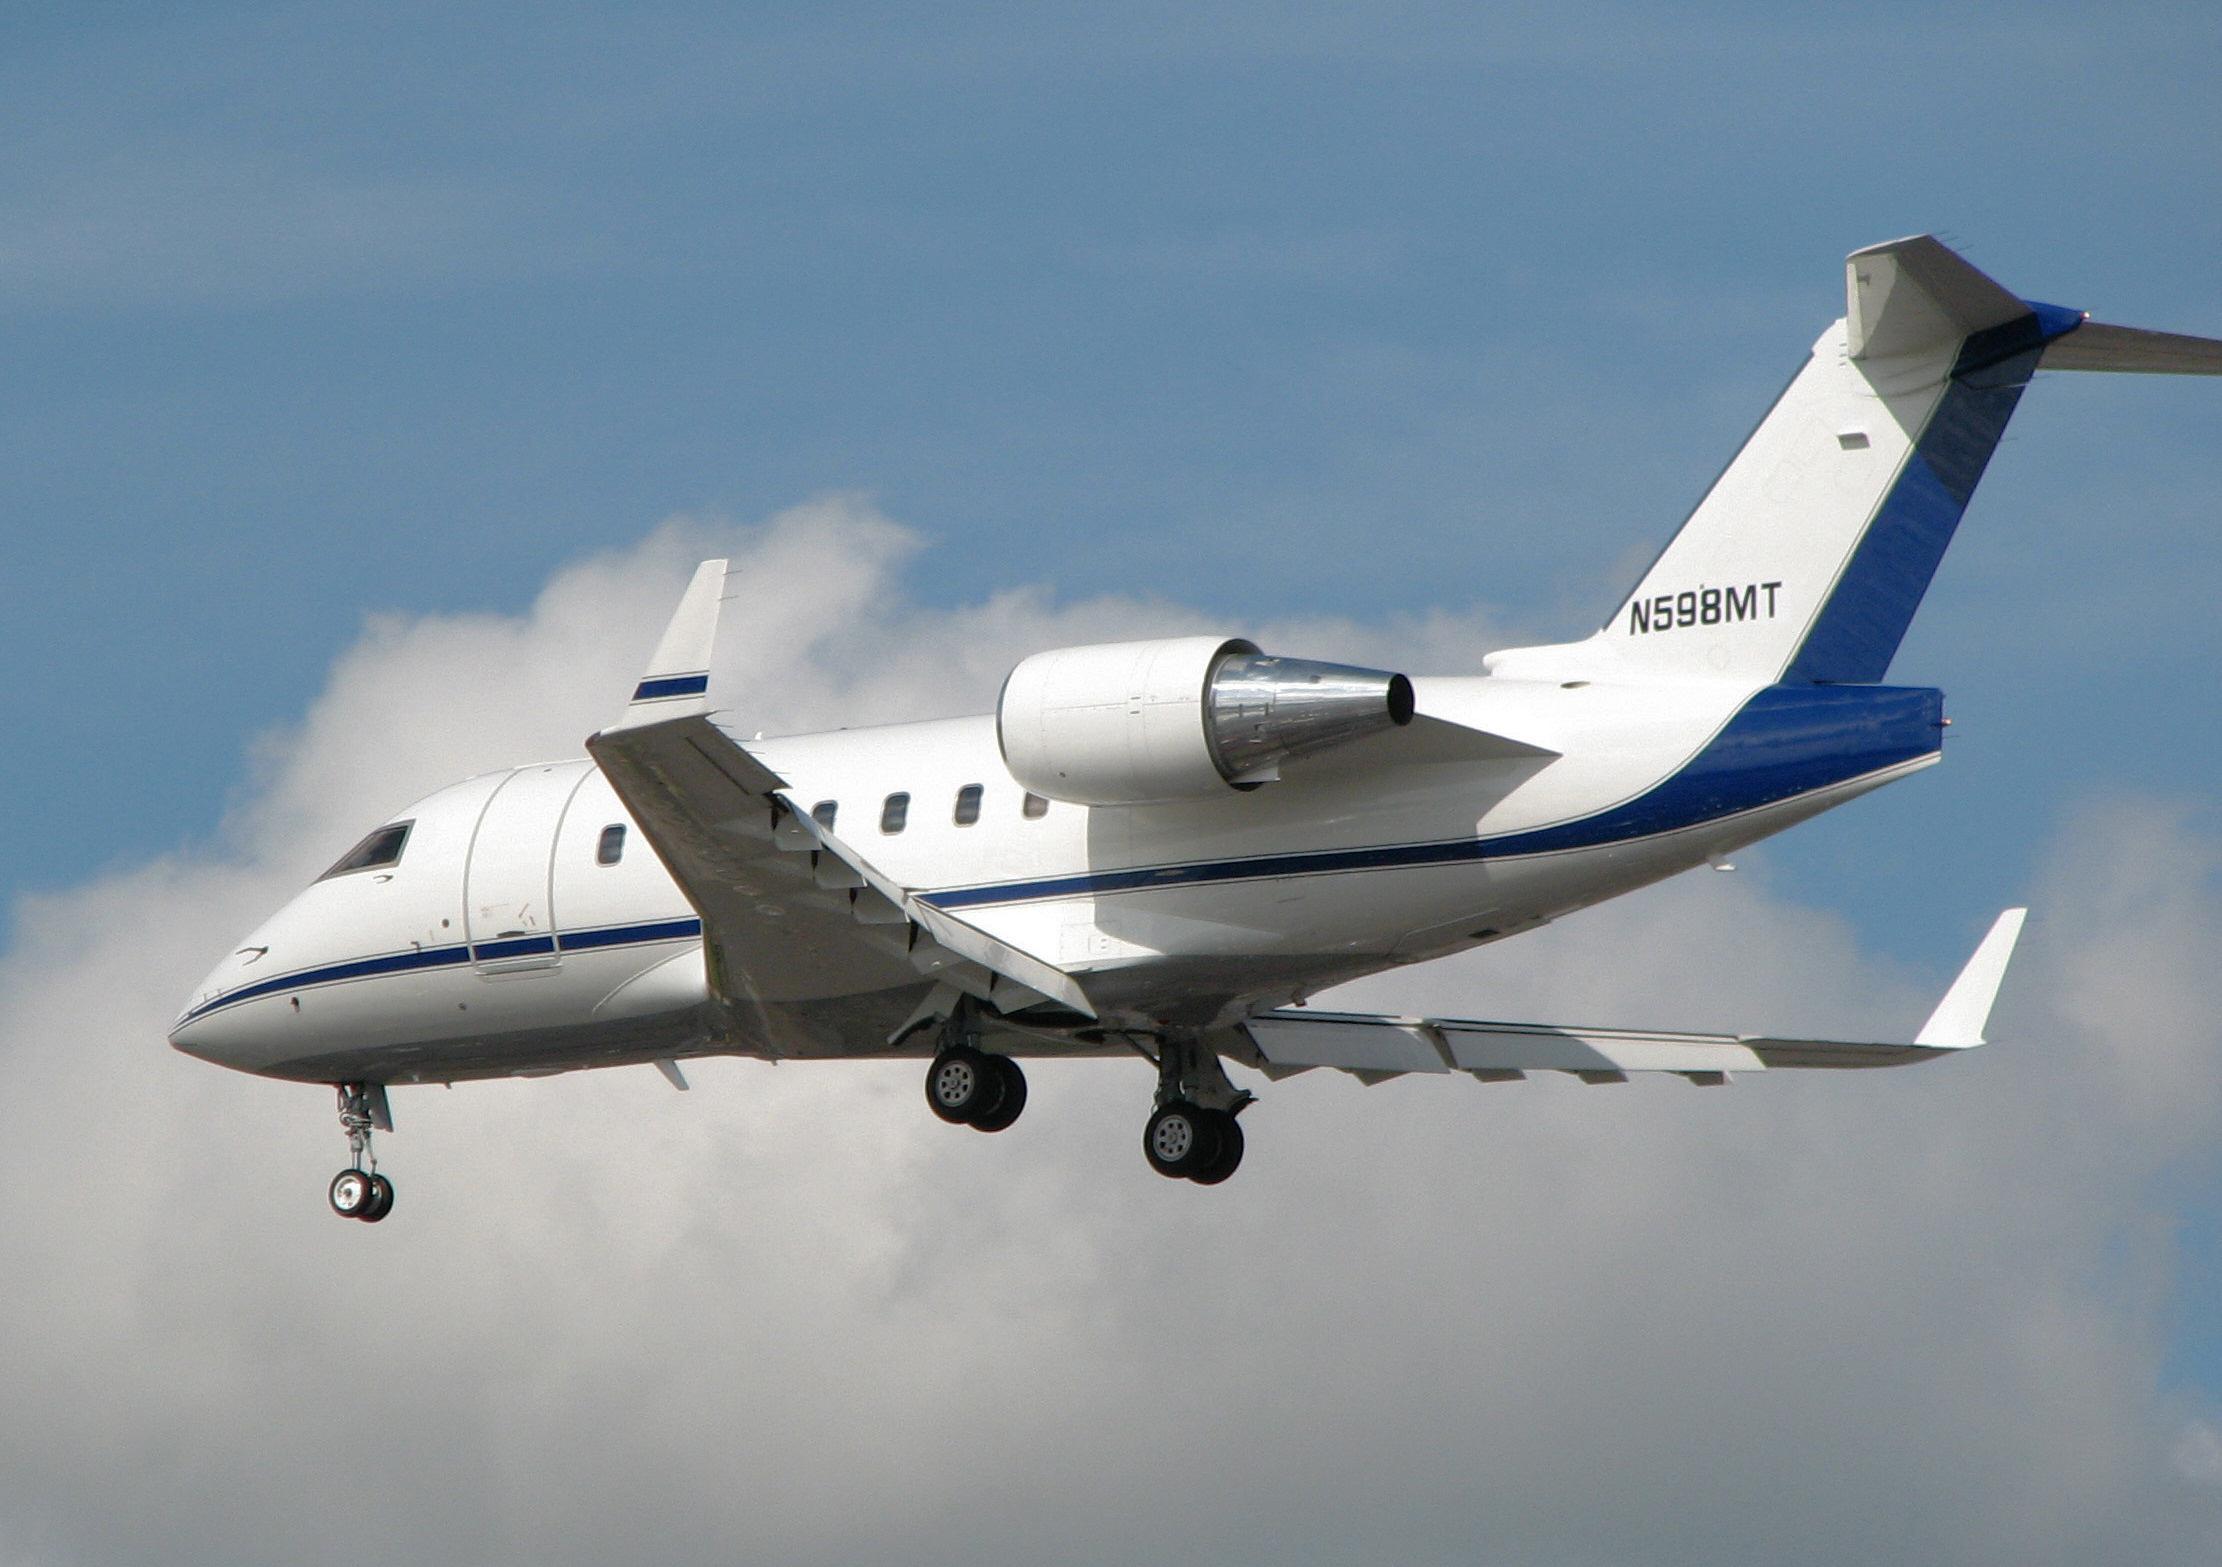 Bombardier.cl-600.n598mt.arp.jpg